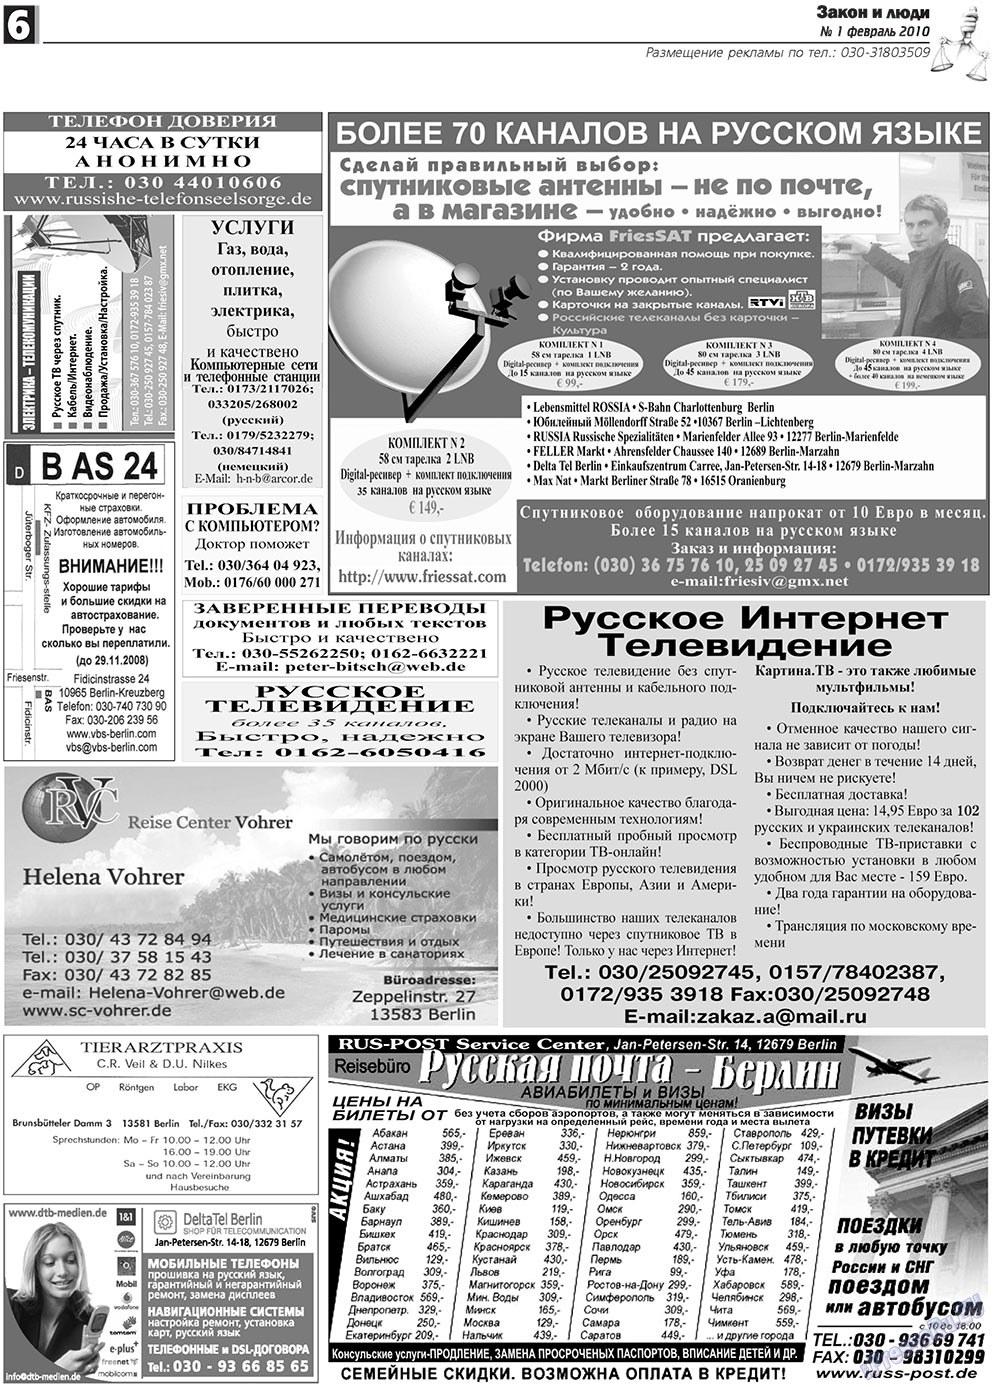 Закон и люди (газета). 2010 год, номер 1, стр. 6